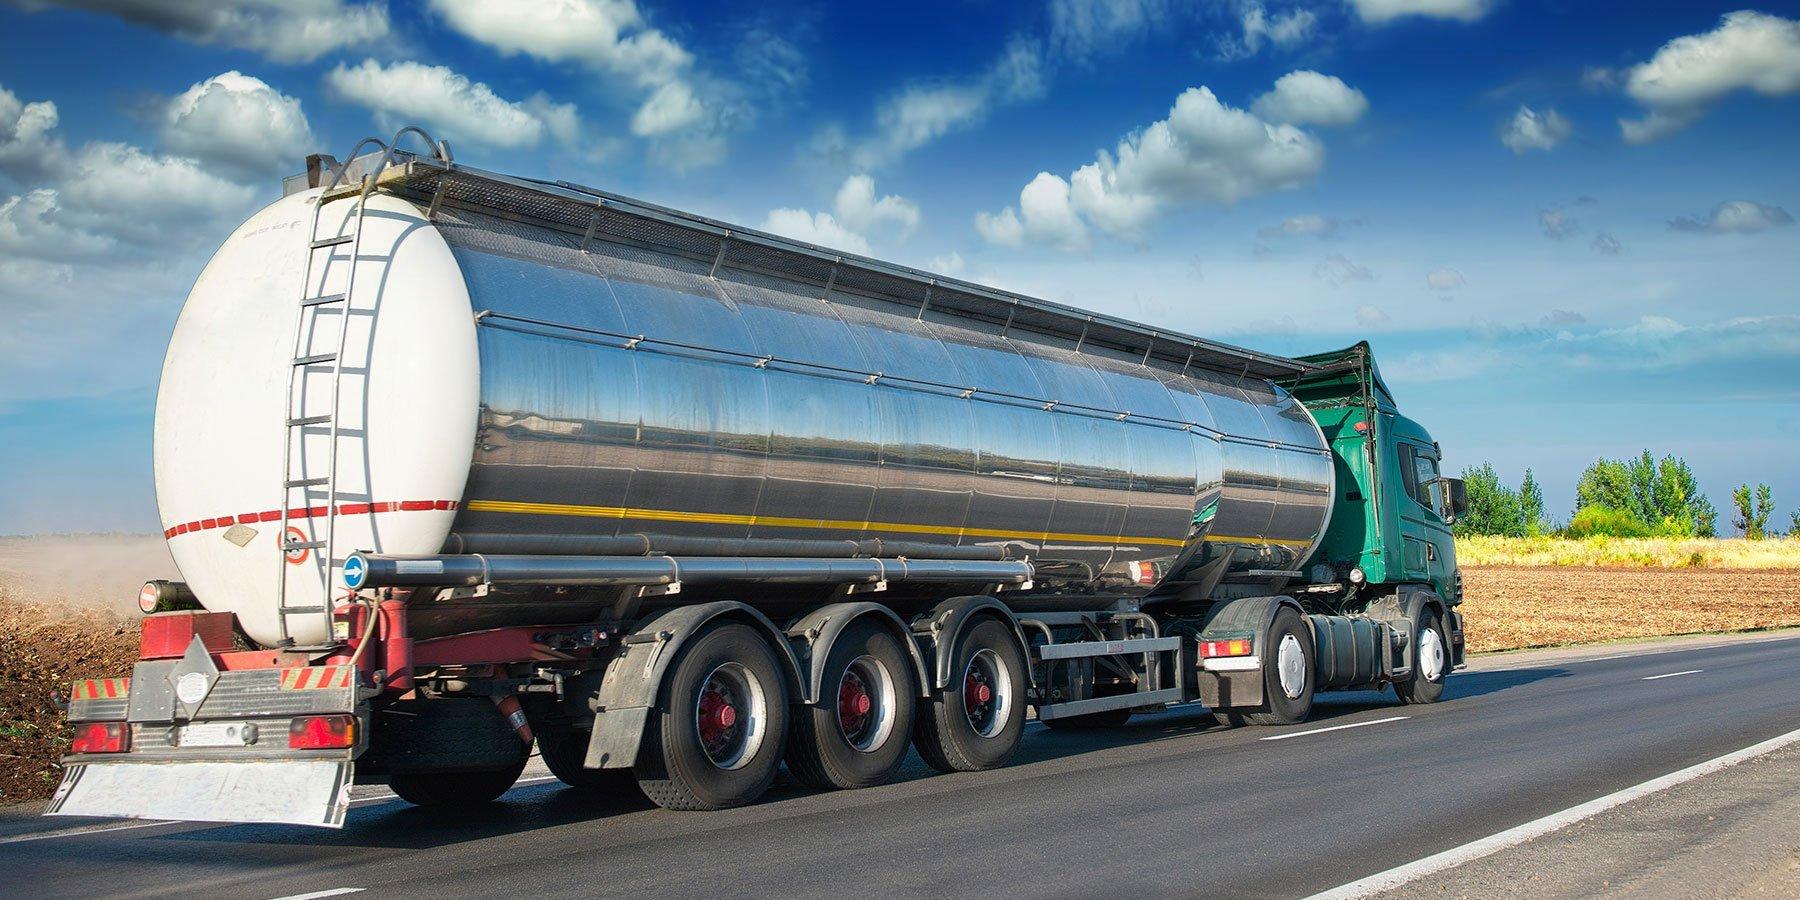 Camion per il trasporto di fluidi su strada